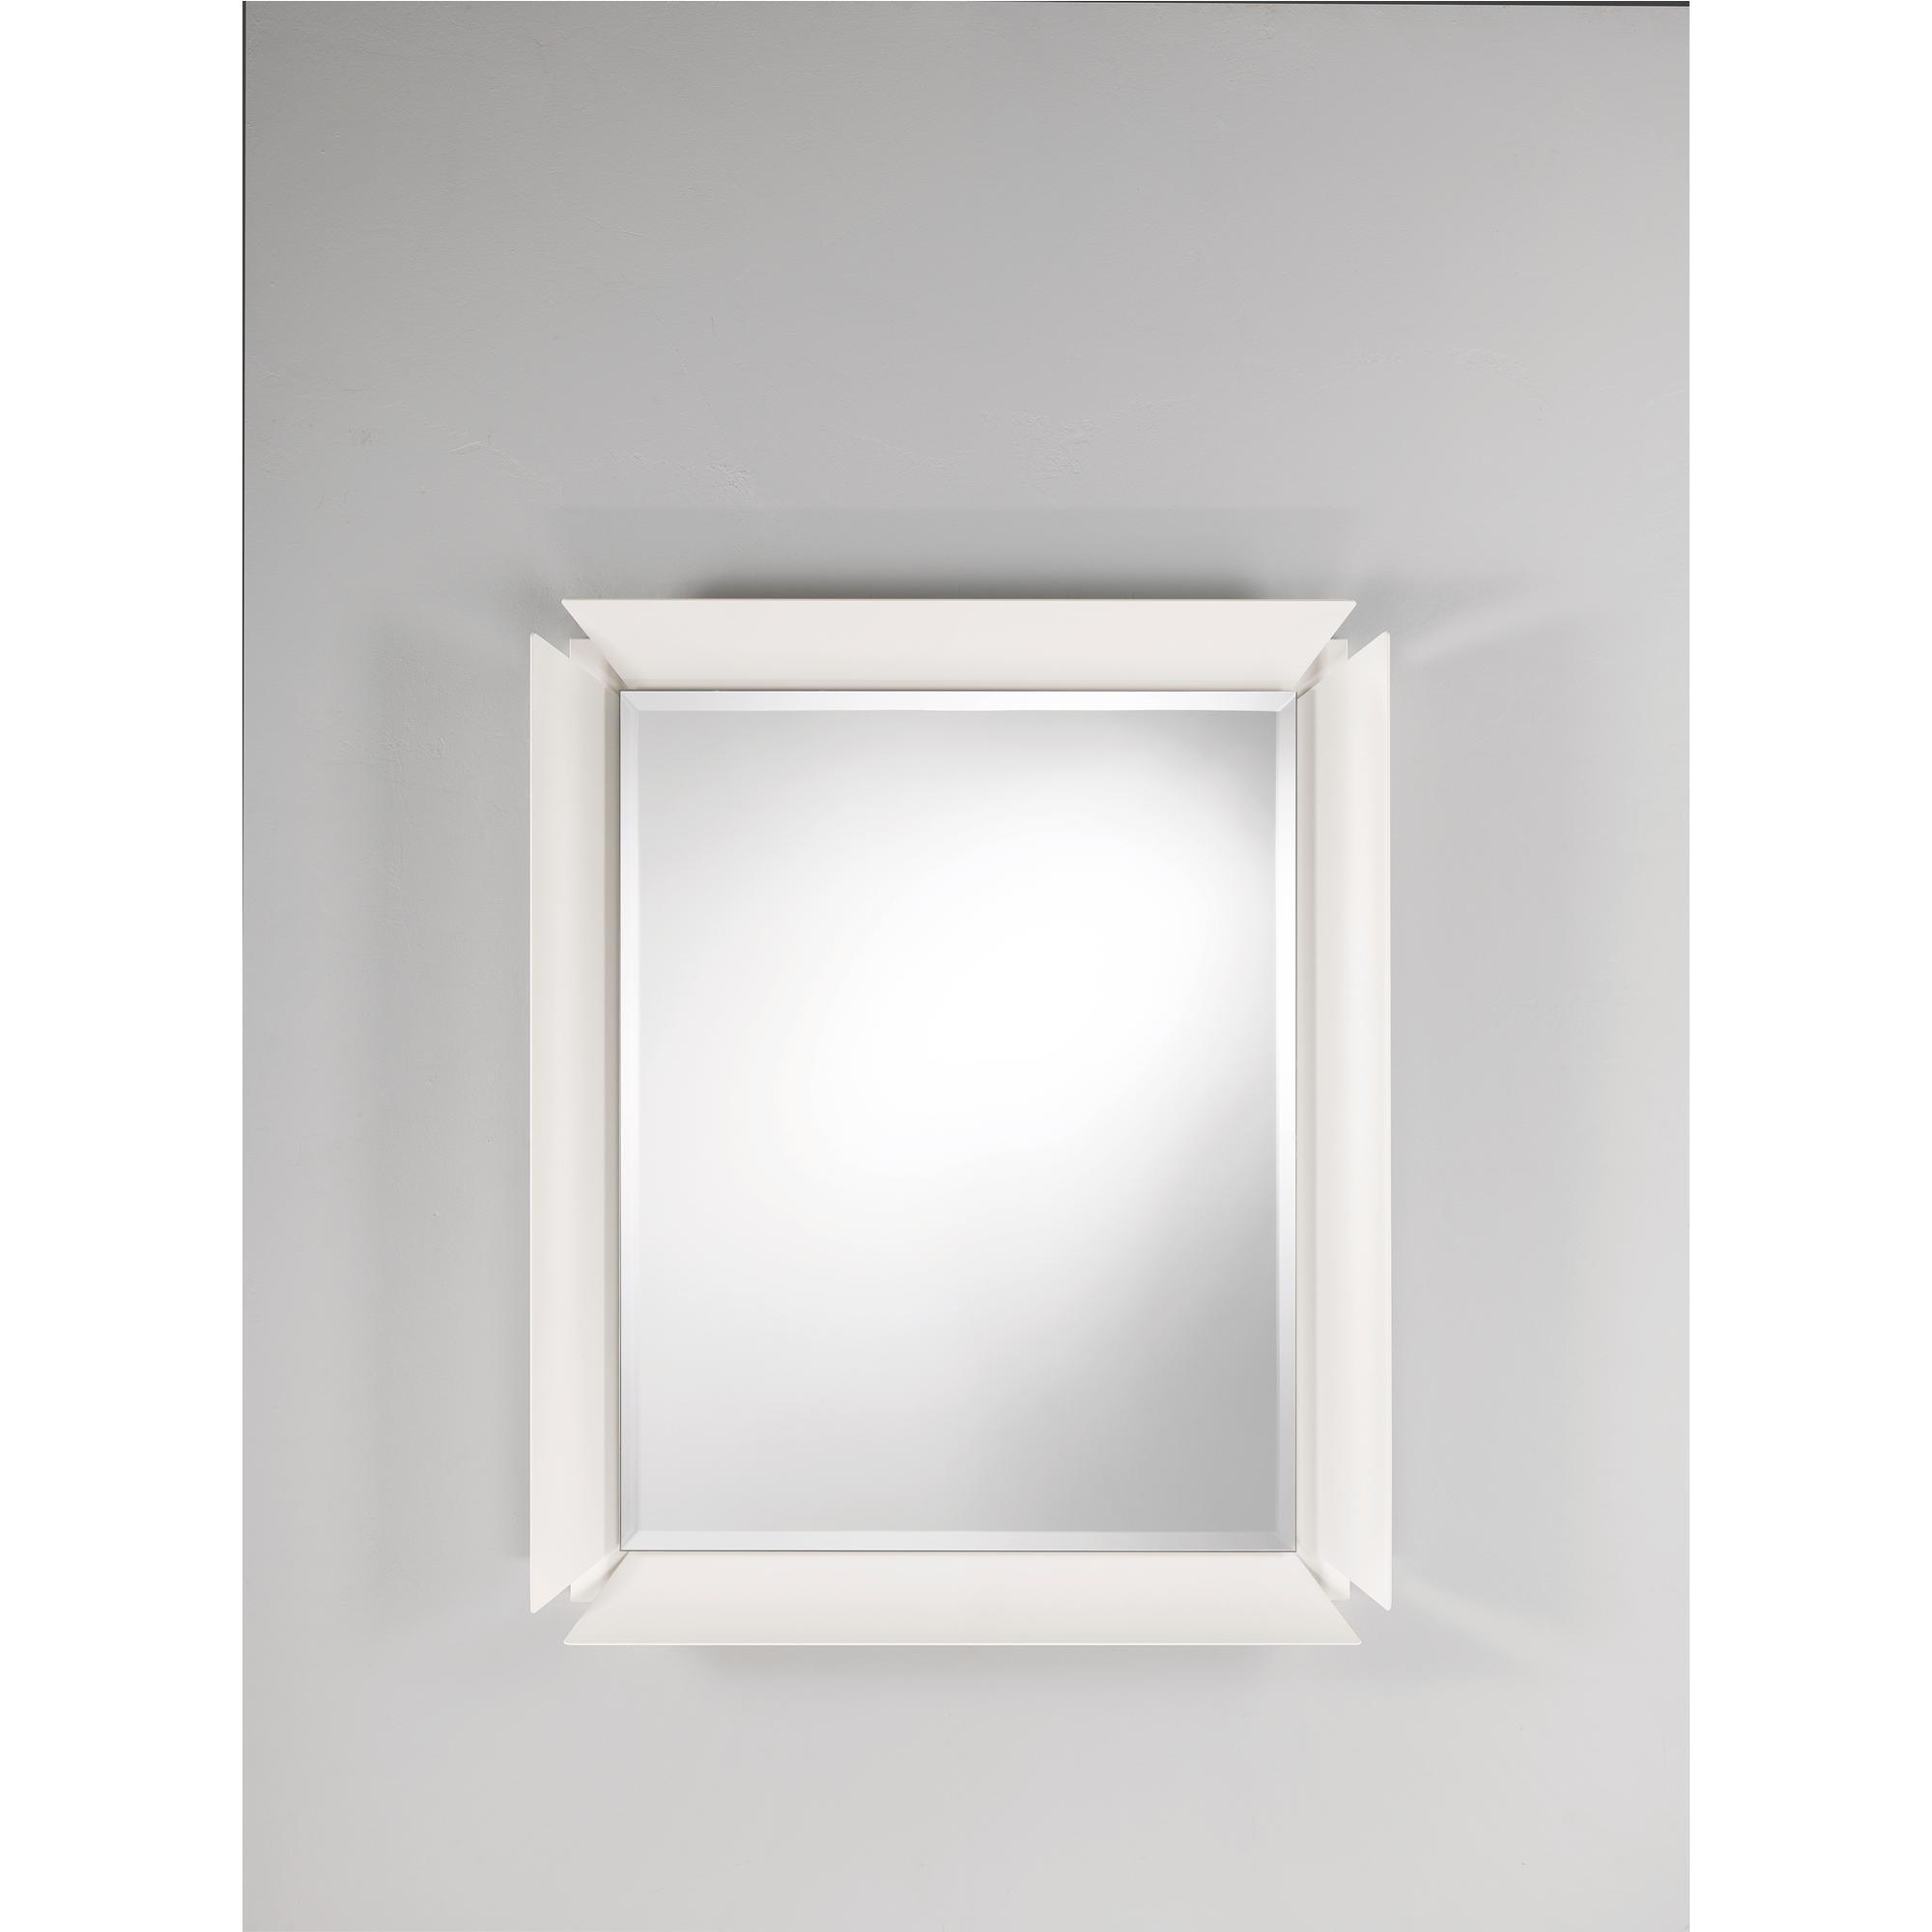 Specchio rettangolare da parete in alluminio verniciato Glam 80x96 ...